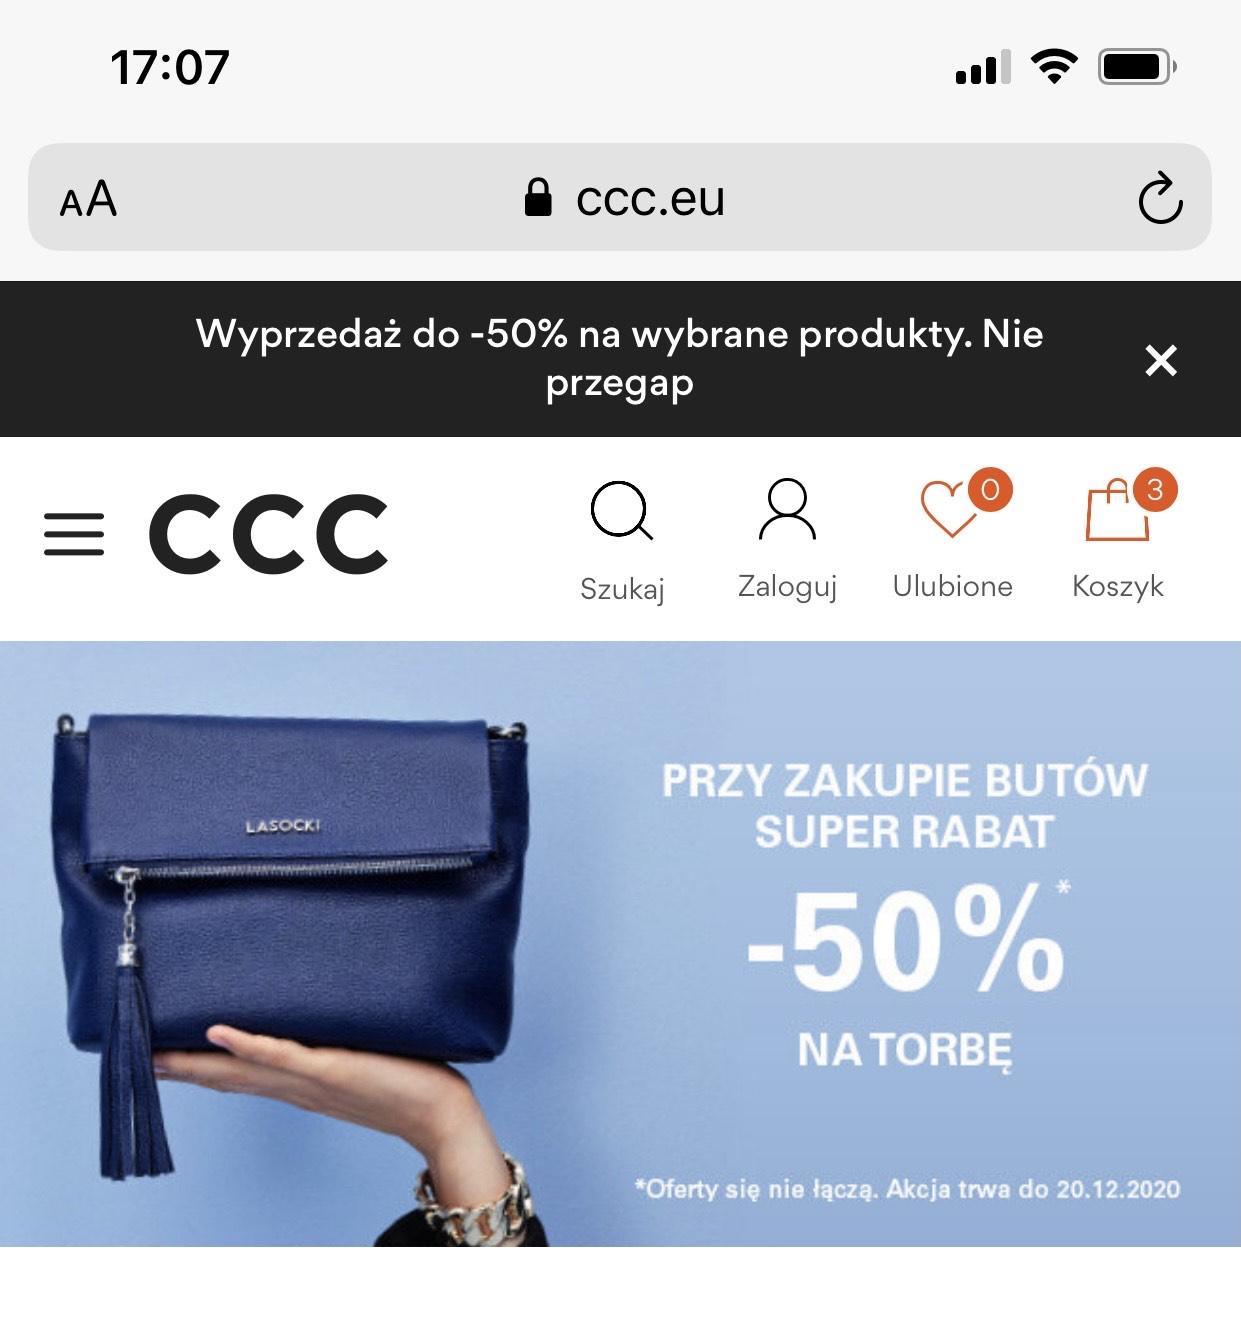 CCC do dowolnej pary butów torebka 50% taniej